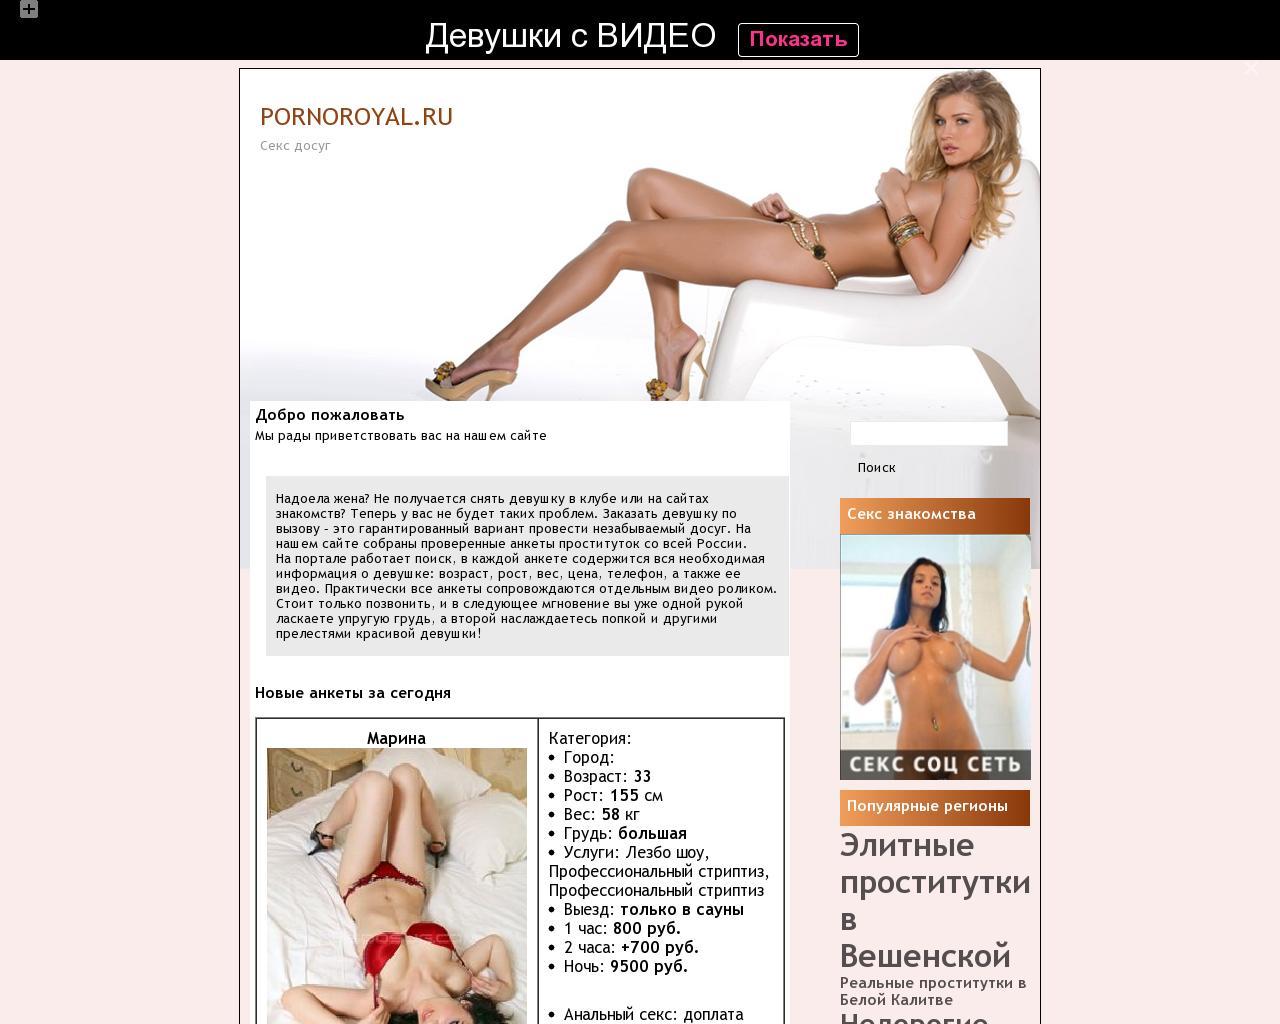 проститутки список сайтов